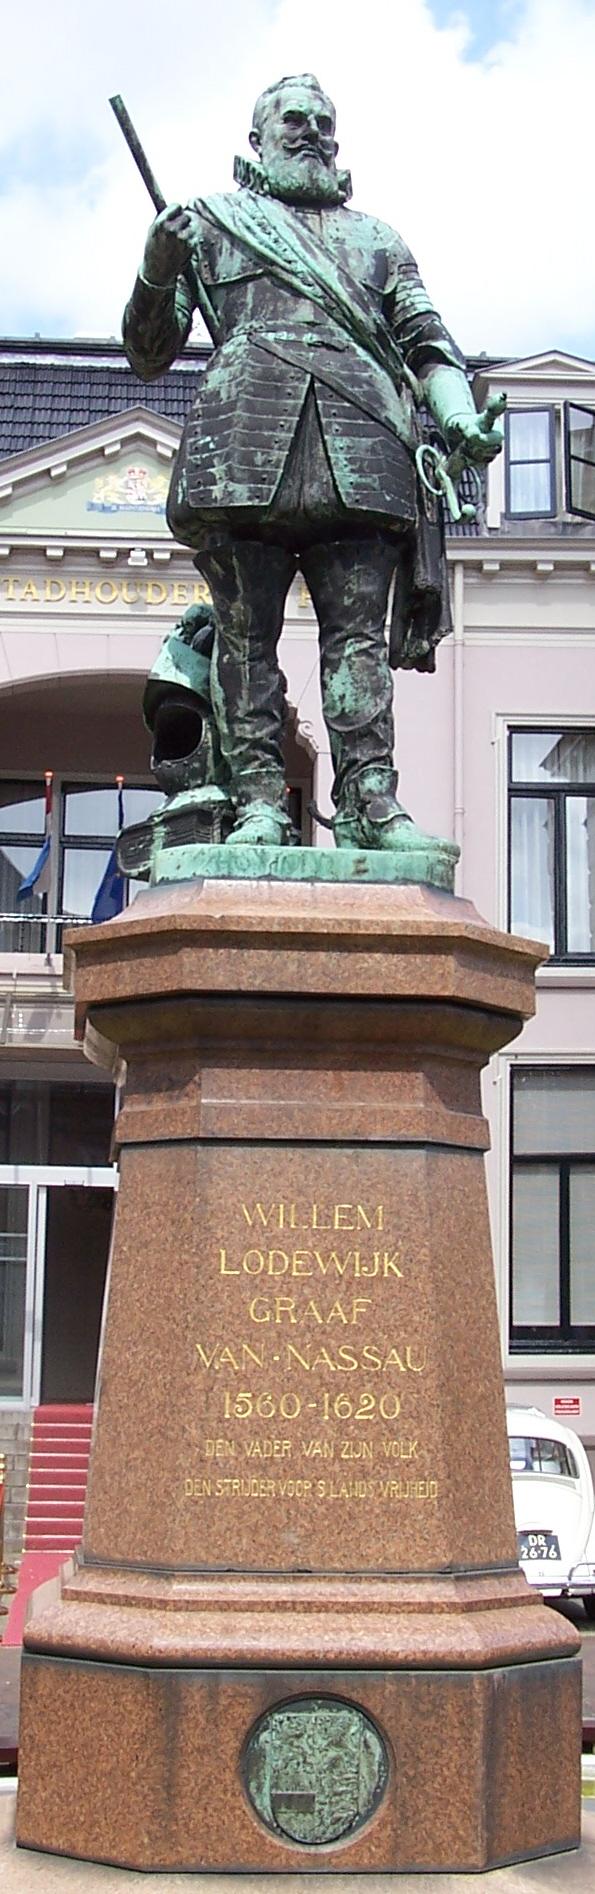 Willem Lodewijk van Nassau 1560-1620